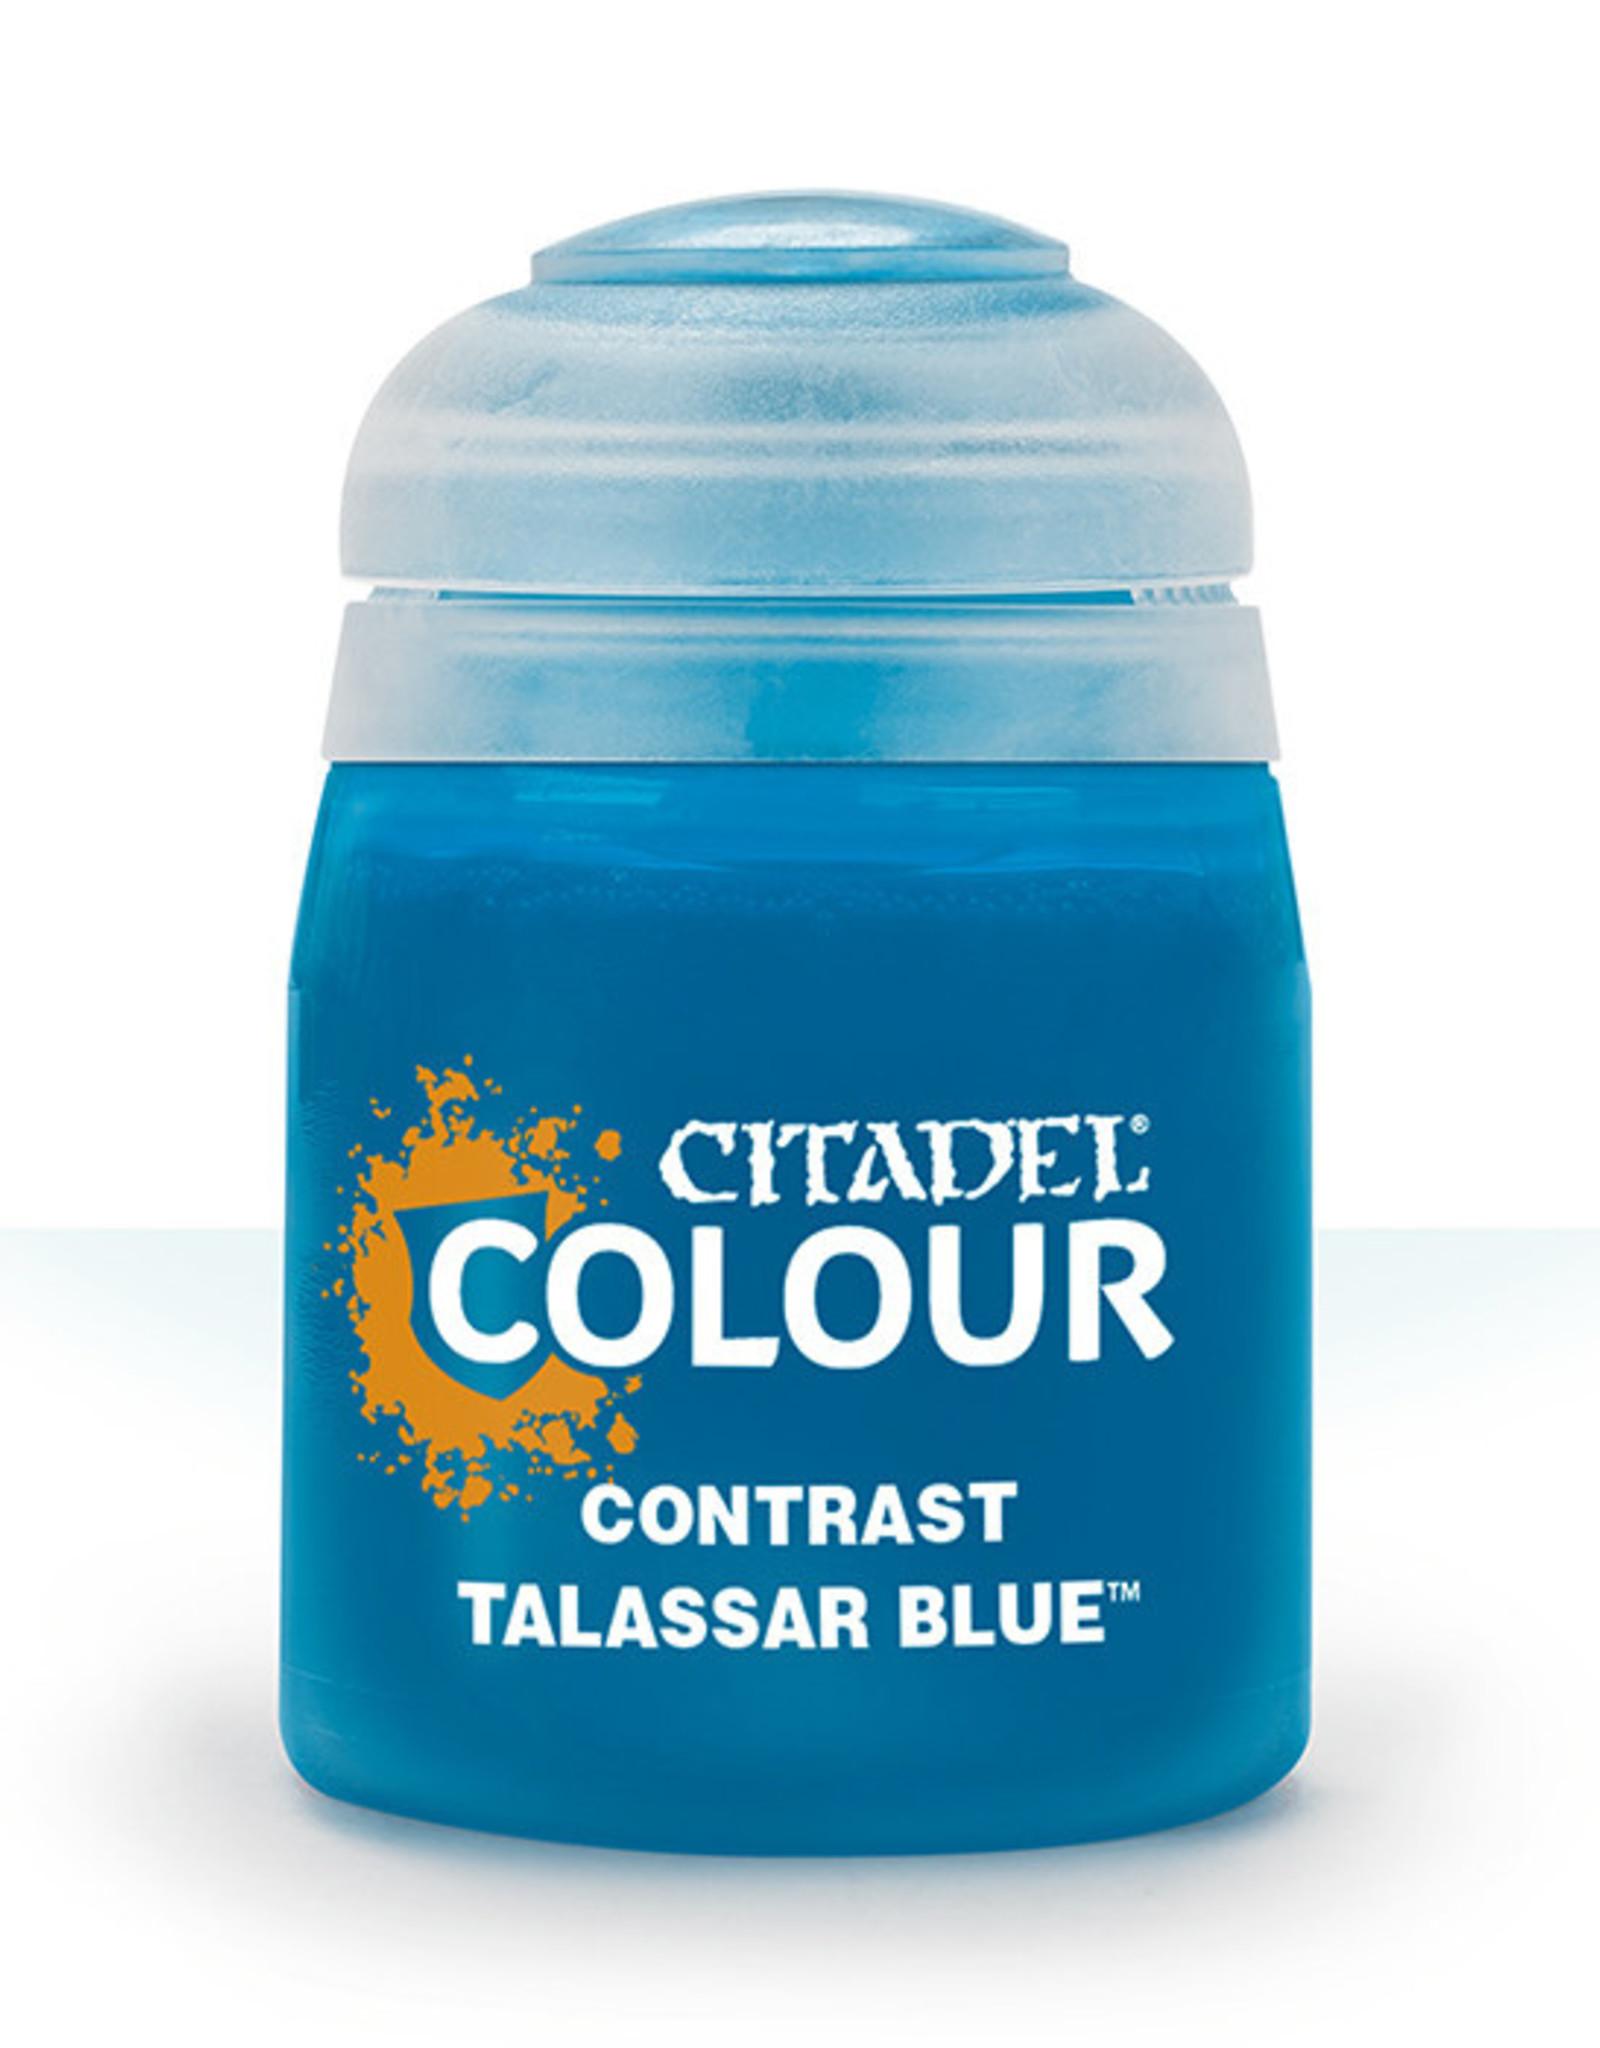 Citadel Citadel Colour: Contrast - Talassar Blue